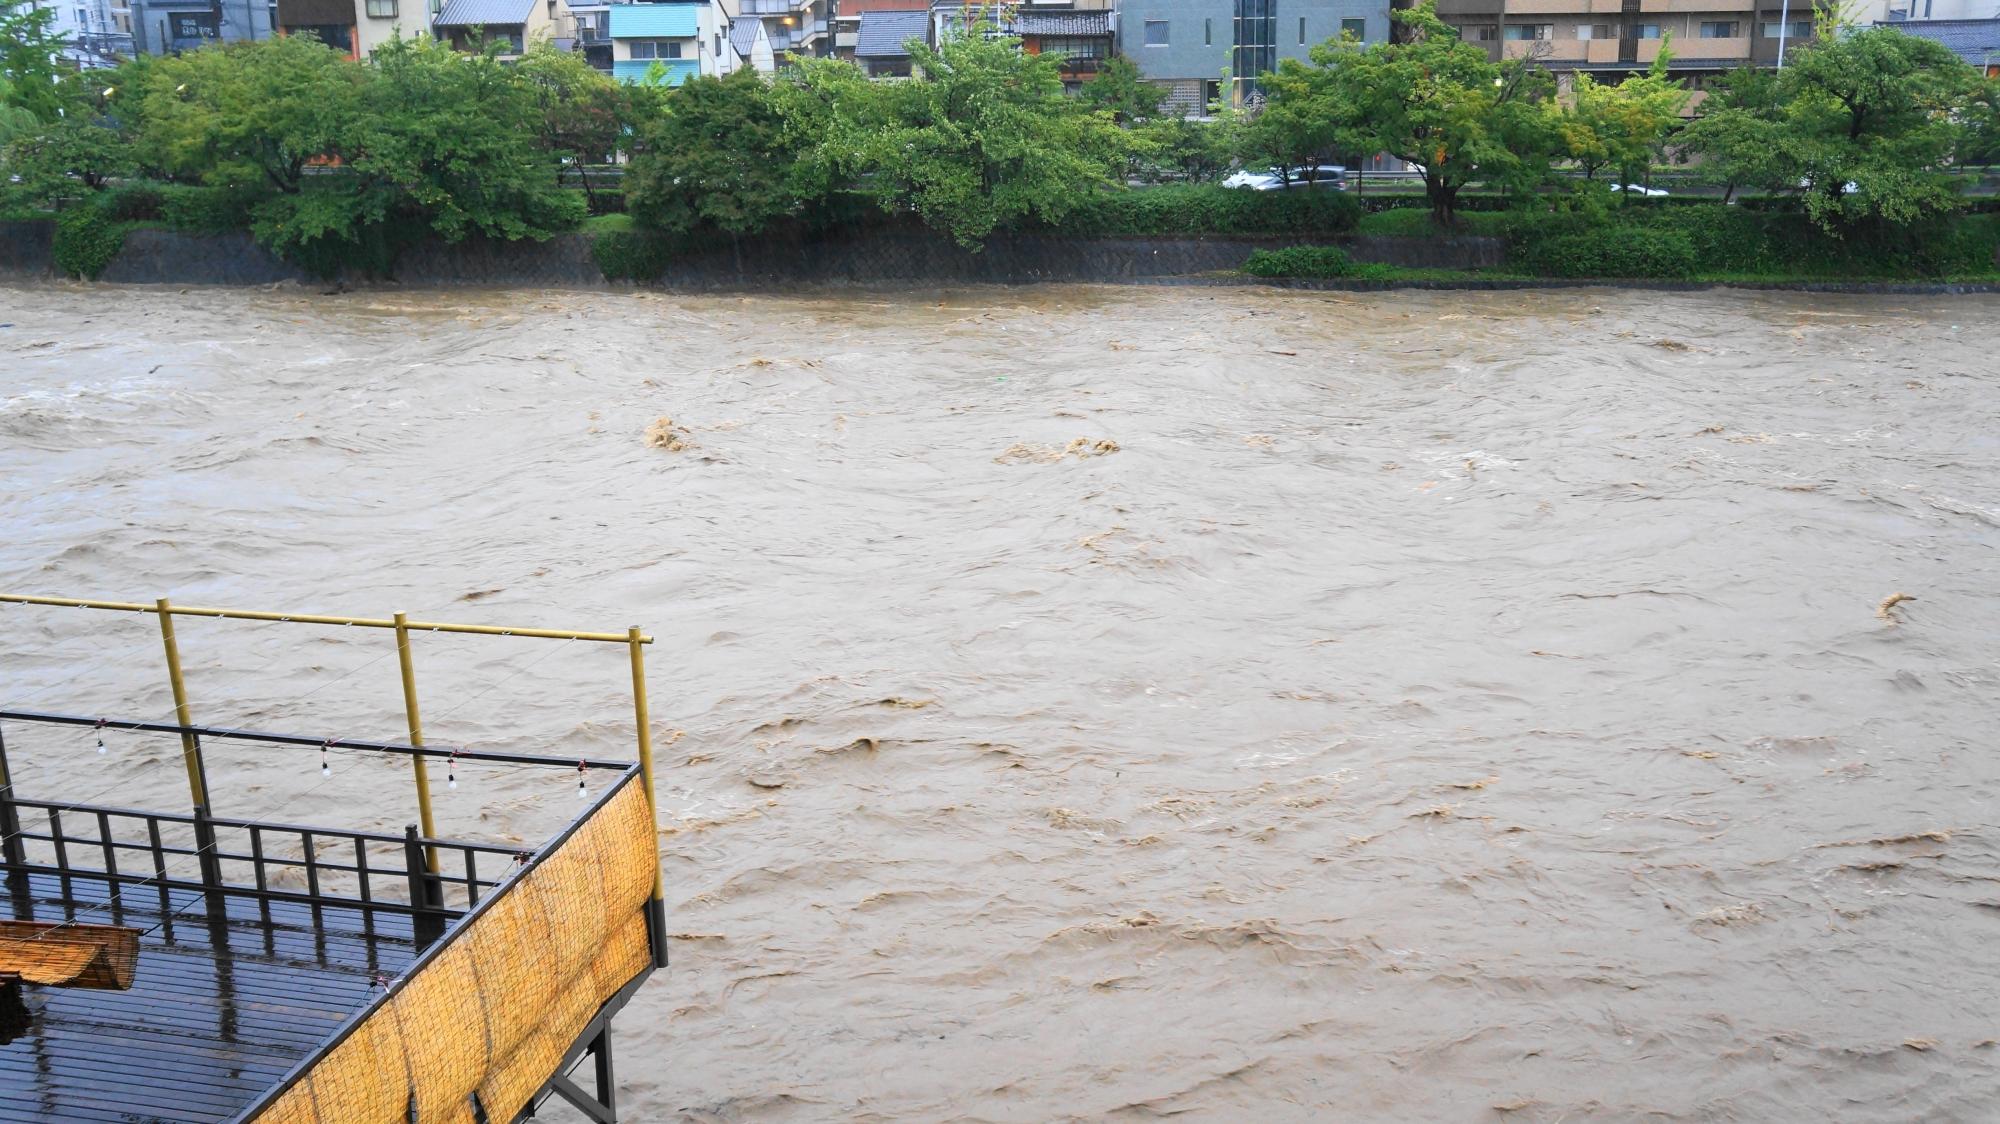 物凄い量の茶色い水が流れて行く鴨川